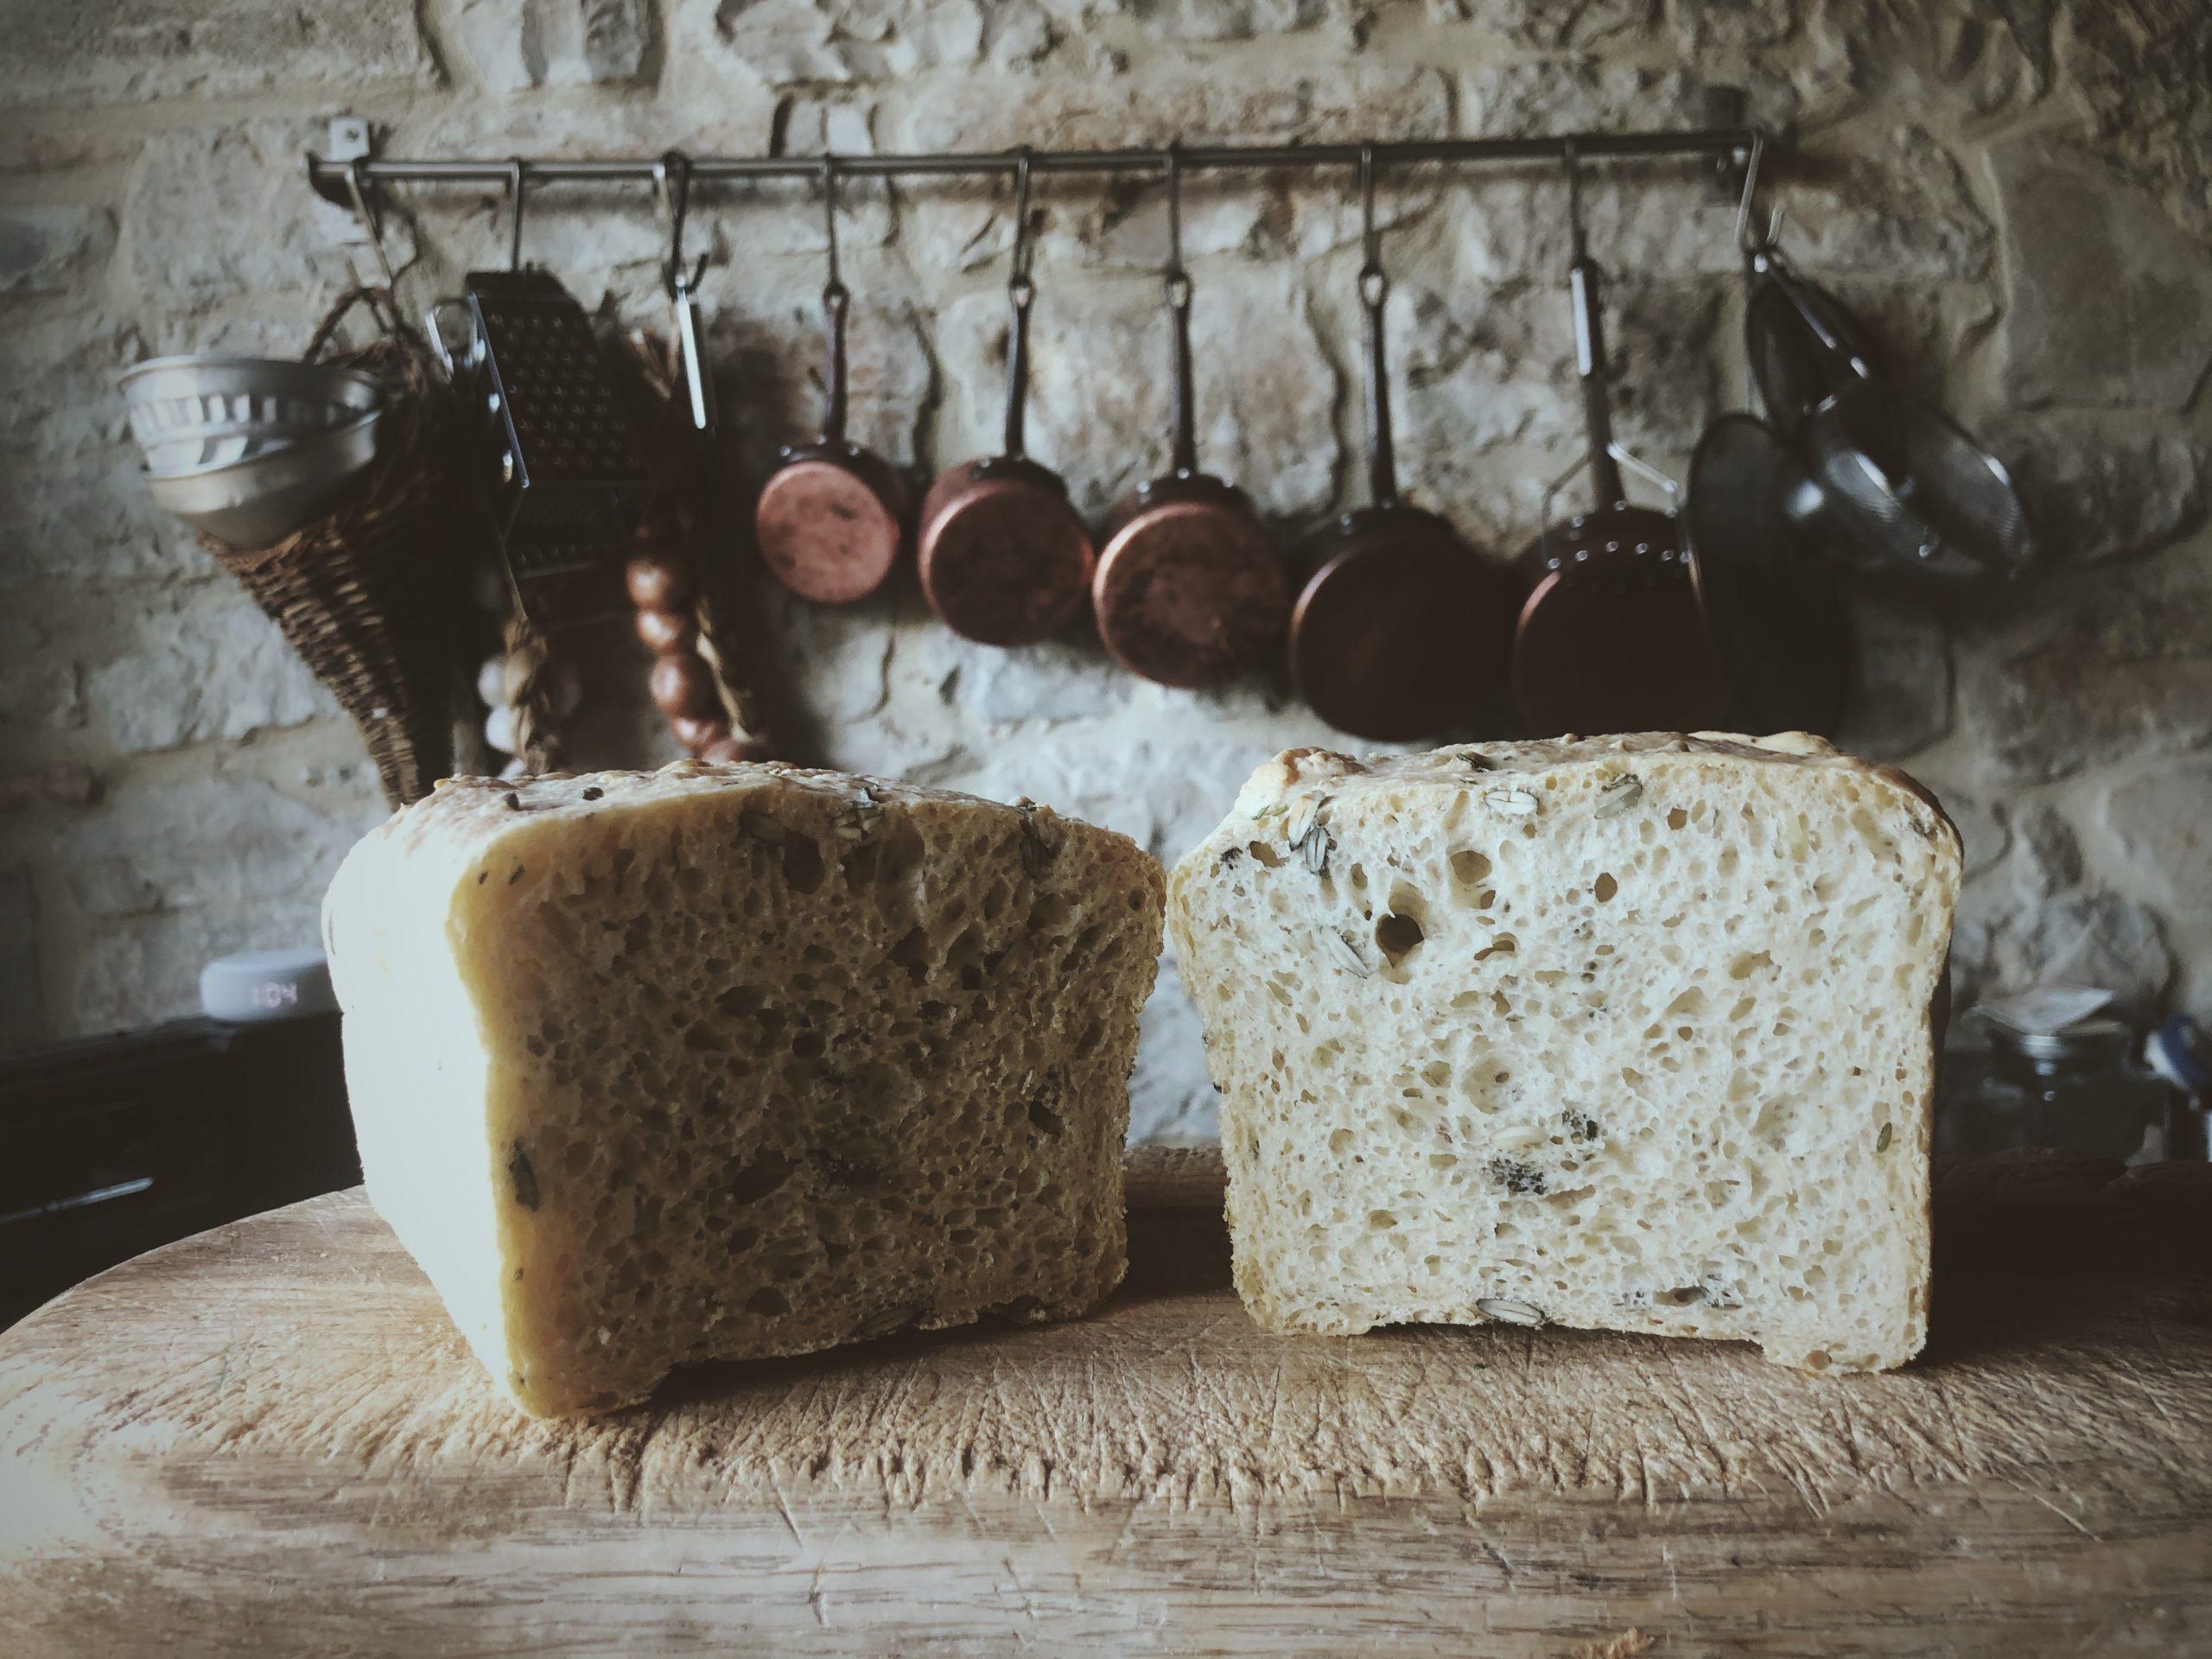 Szybki chleb z mąki orkiszowej